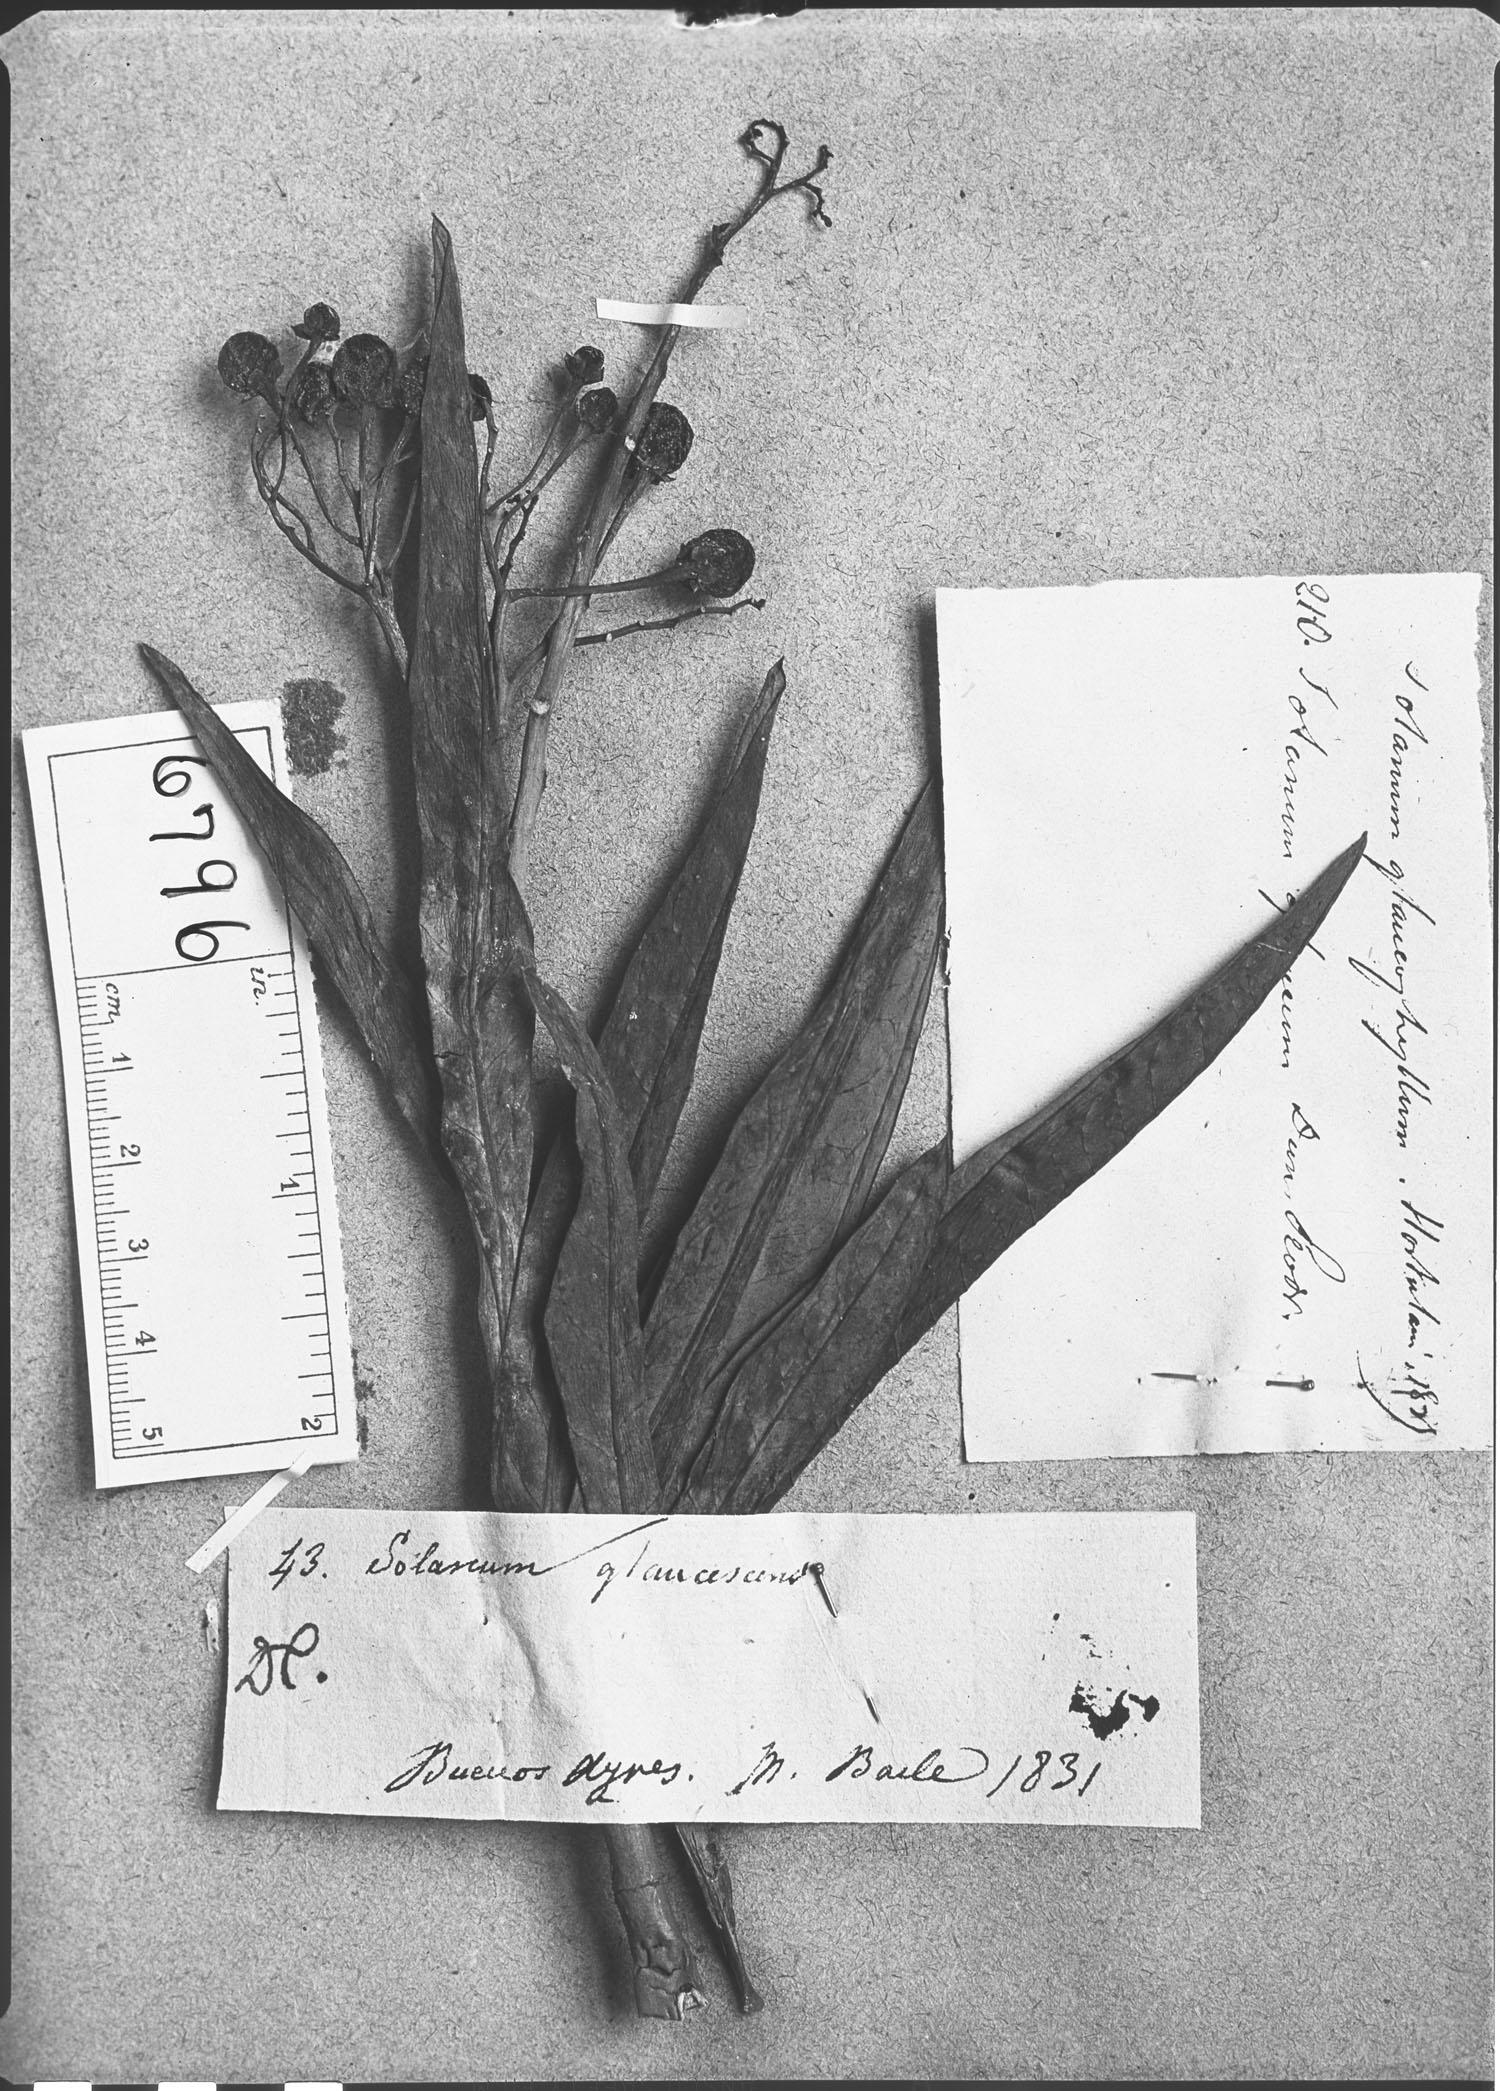 Solanum glaucum image